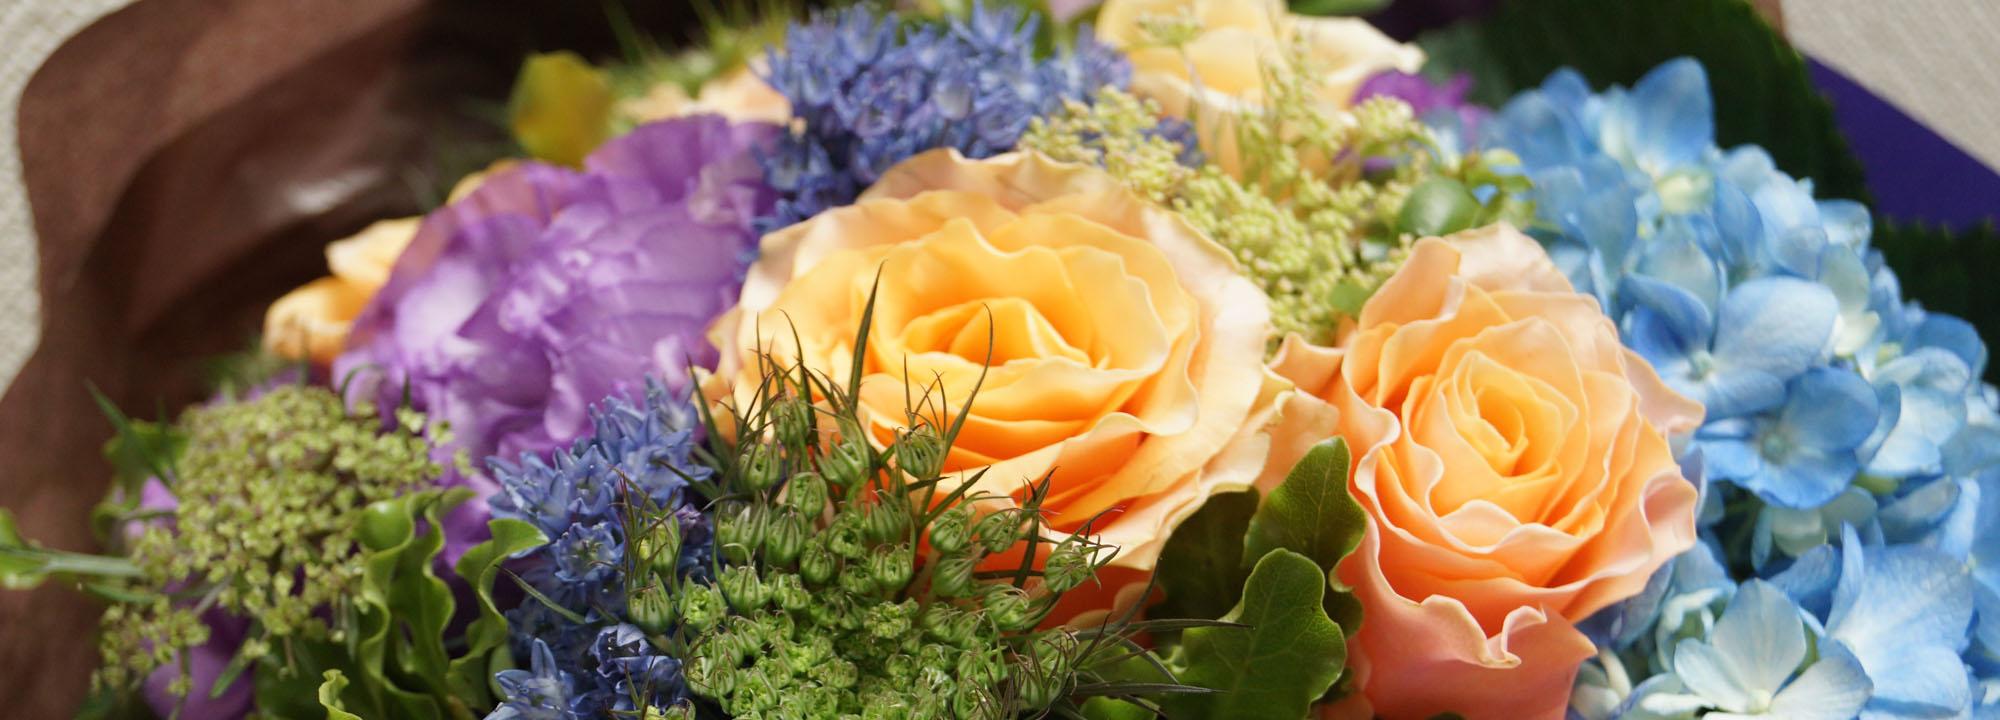 胡蝶蘭 スタンド花 アレンジメント  観葉植物  花束 プリザーブドフラワー等